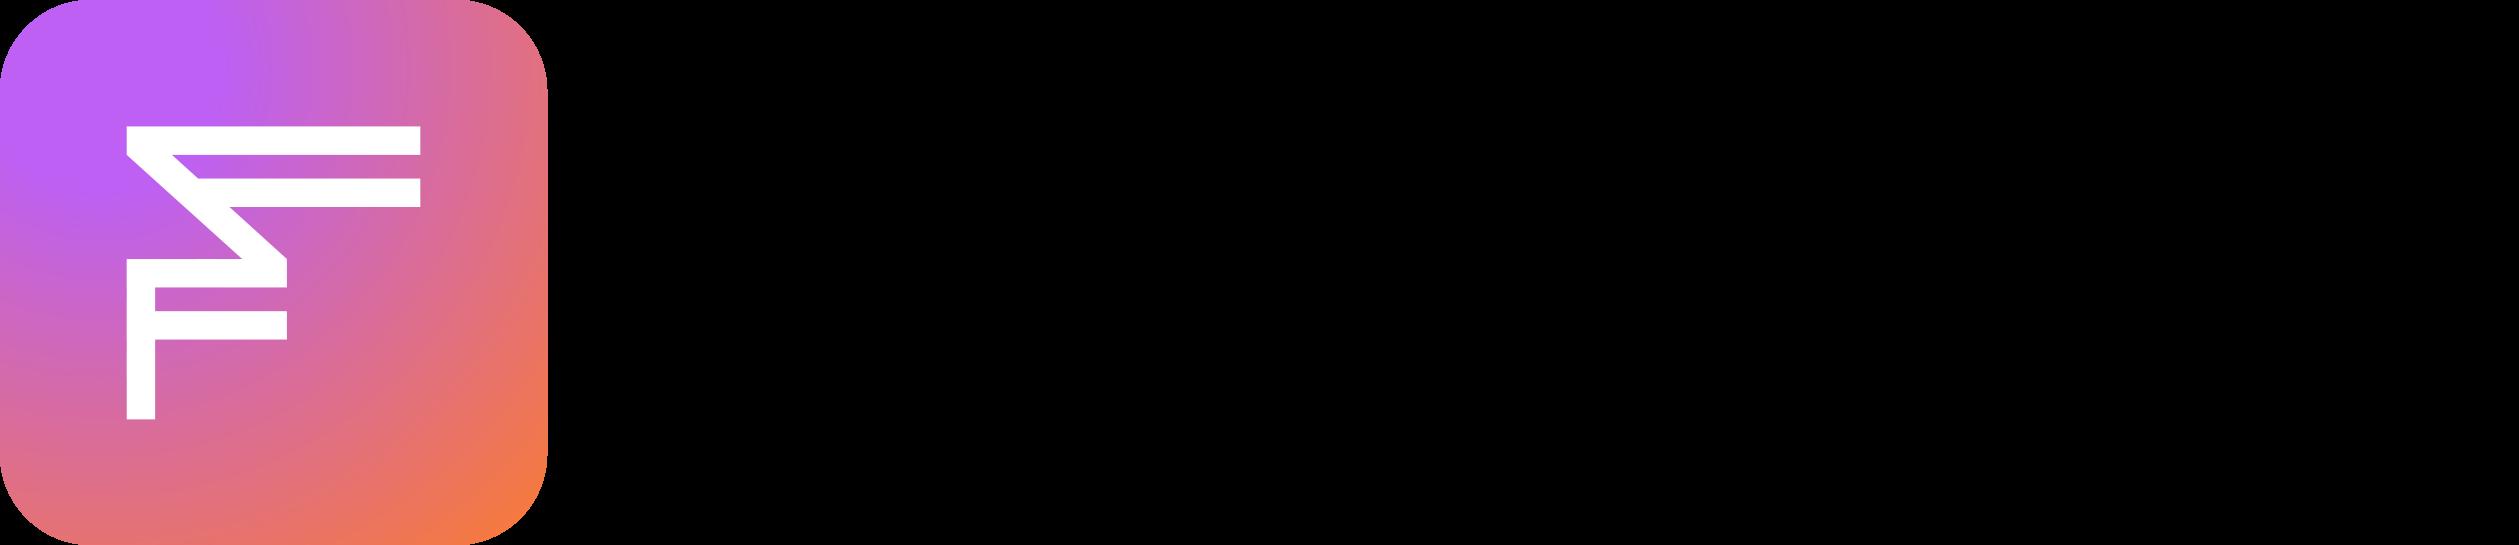 fashmelogo